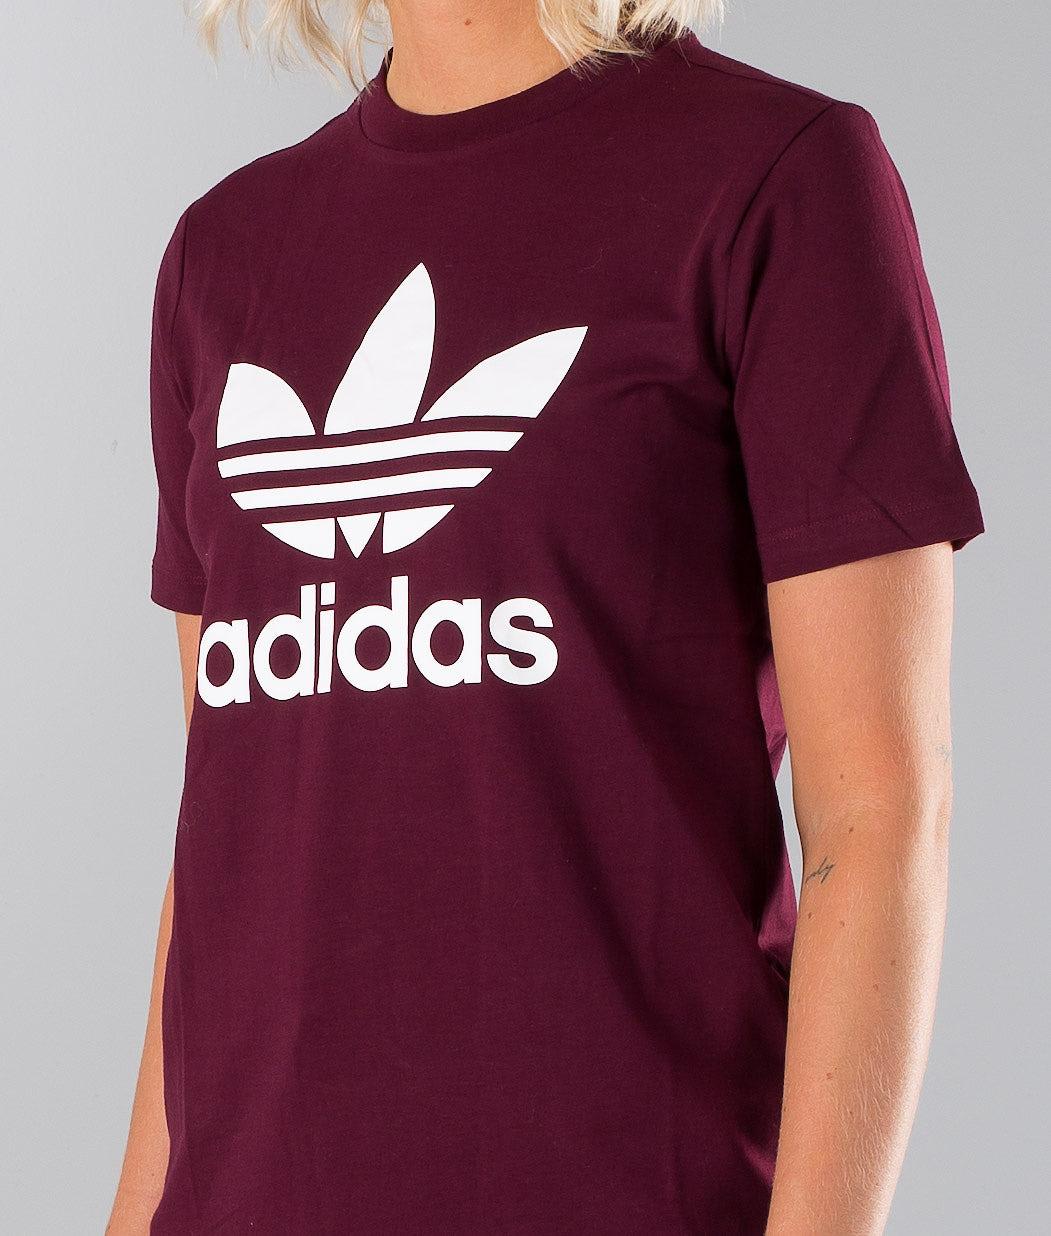 Trefoil | Achète des T-shirt de chez Adidas Originals sur Ridestore.fr | Bien-sûr, les frais de ports sont offerts et les retours gratuits pendant 30 jours !